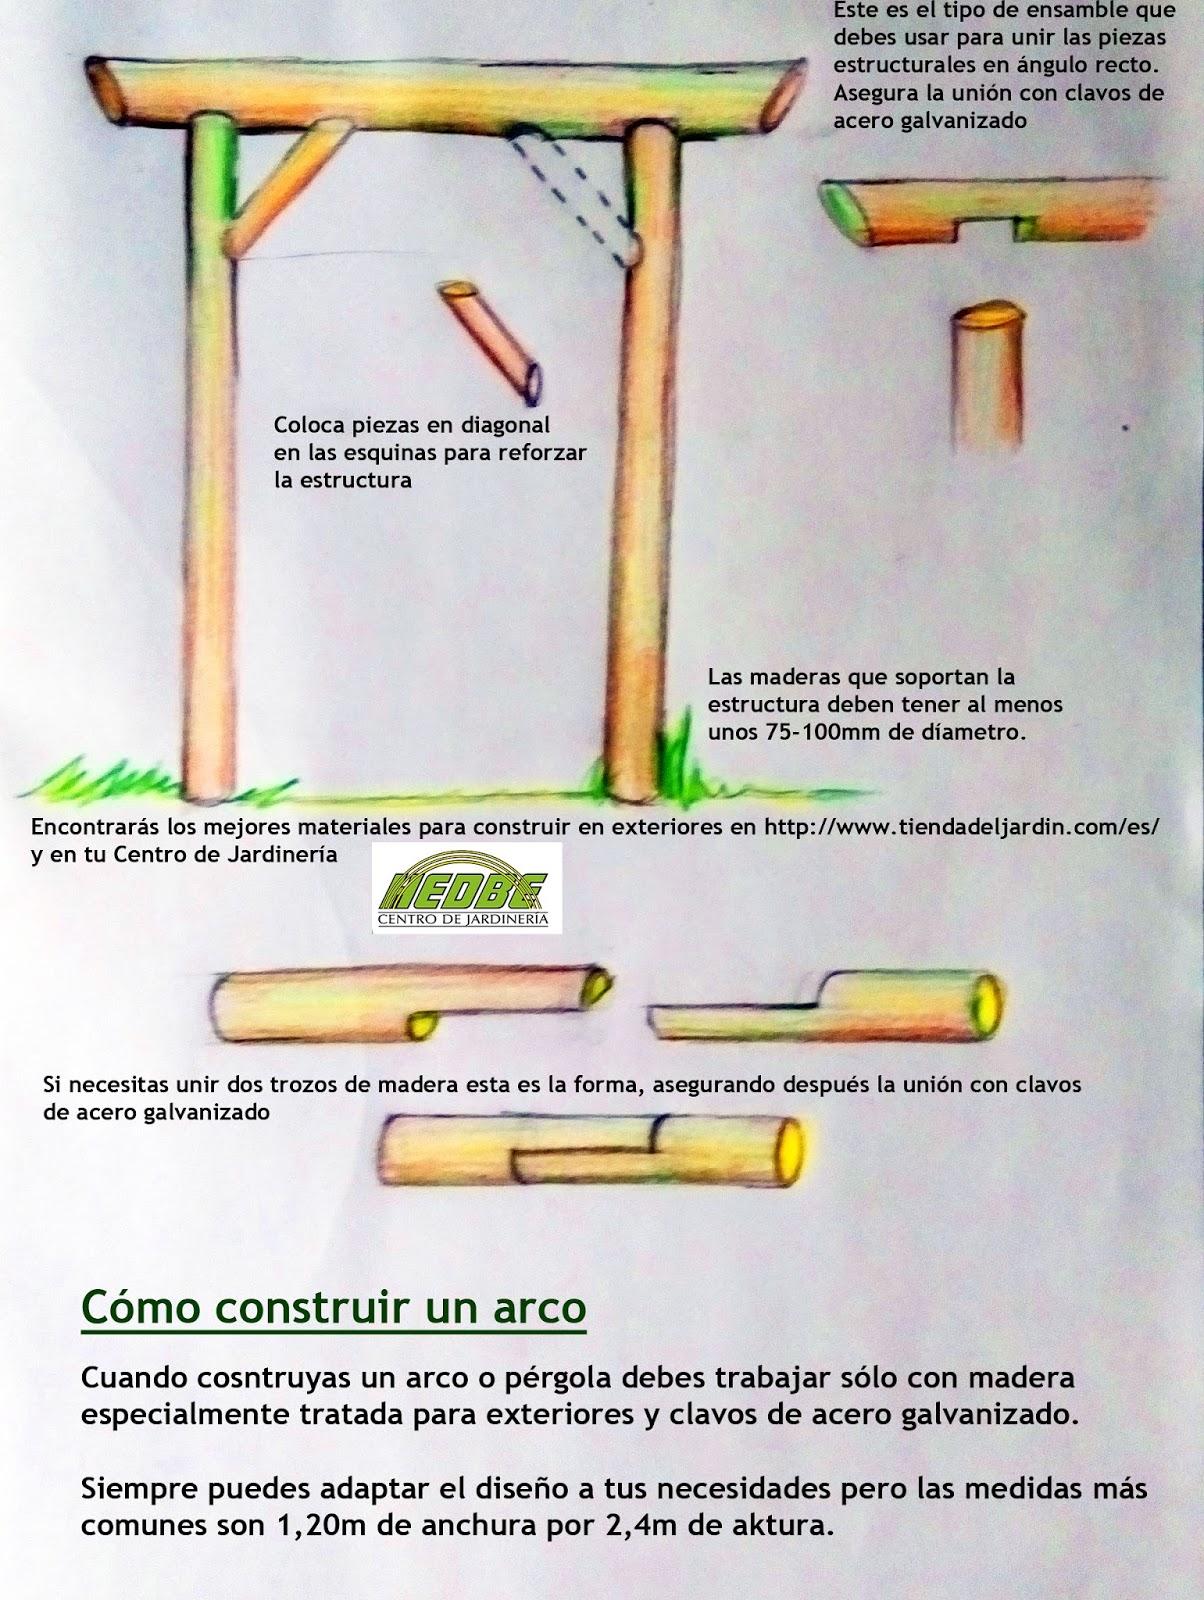 Todo para tu jardín: Construcciones en tu jardín: arcos y pérgolas